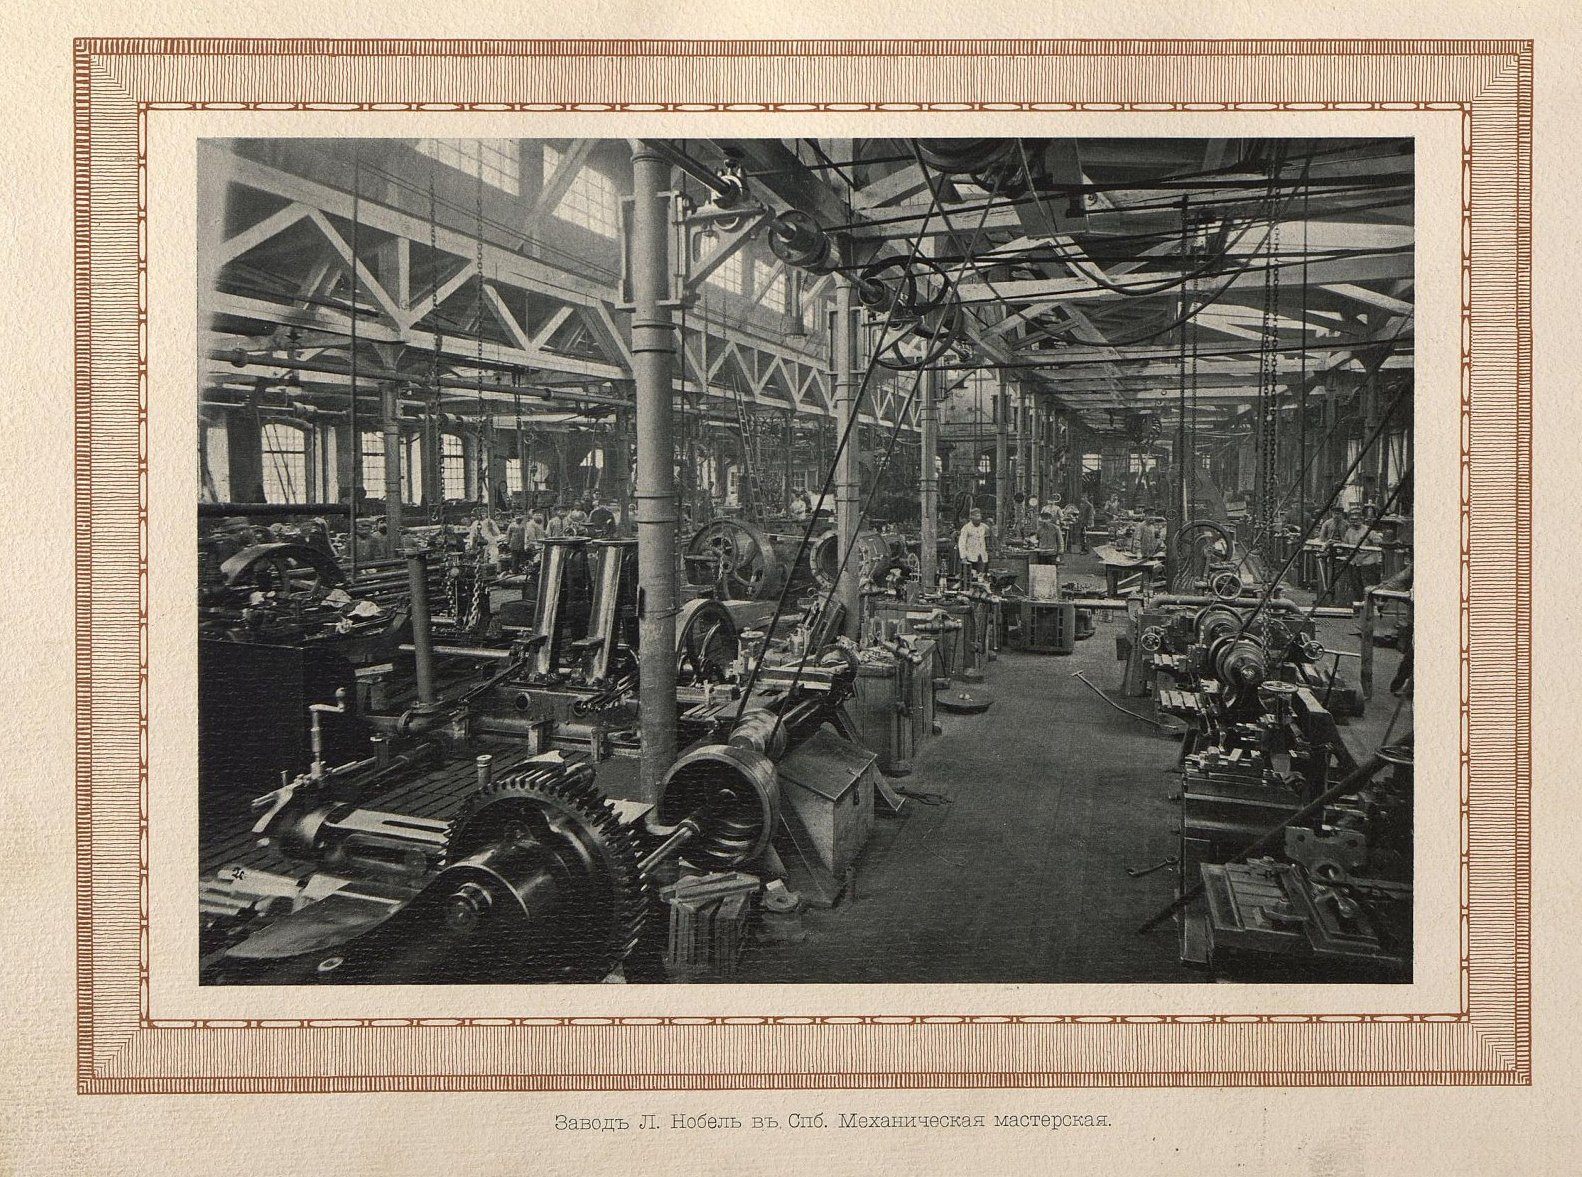 Завод Л. Нобель в СПб. Механическая мастерская